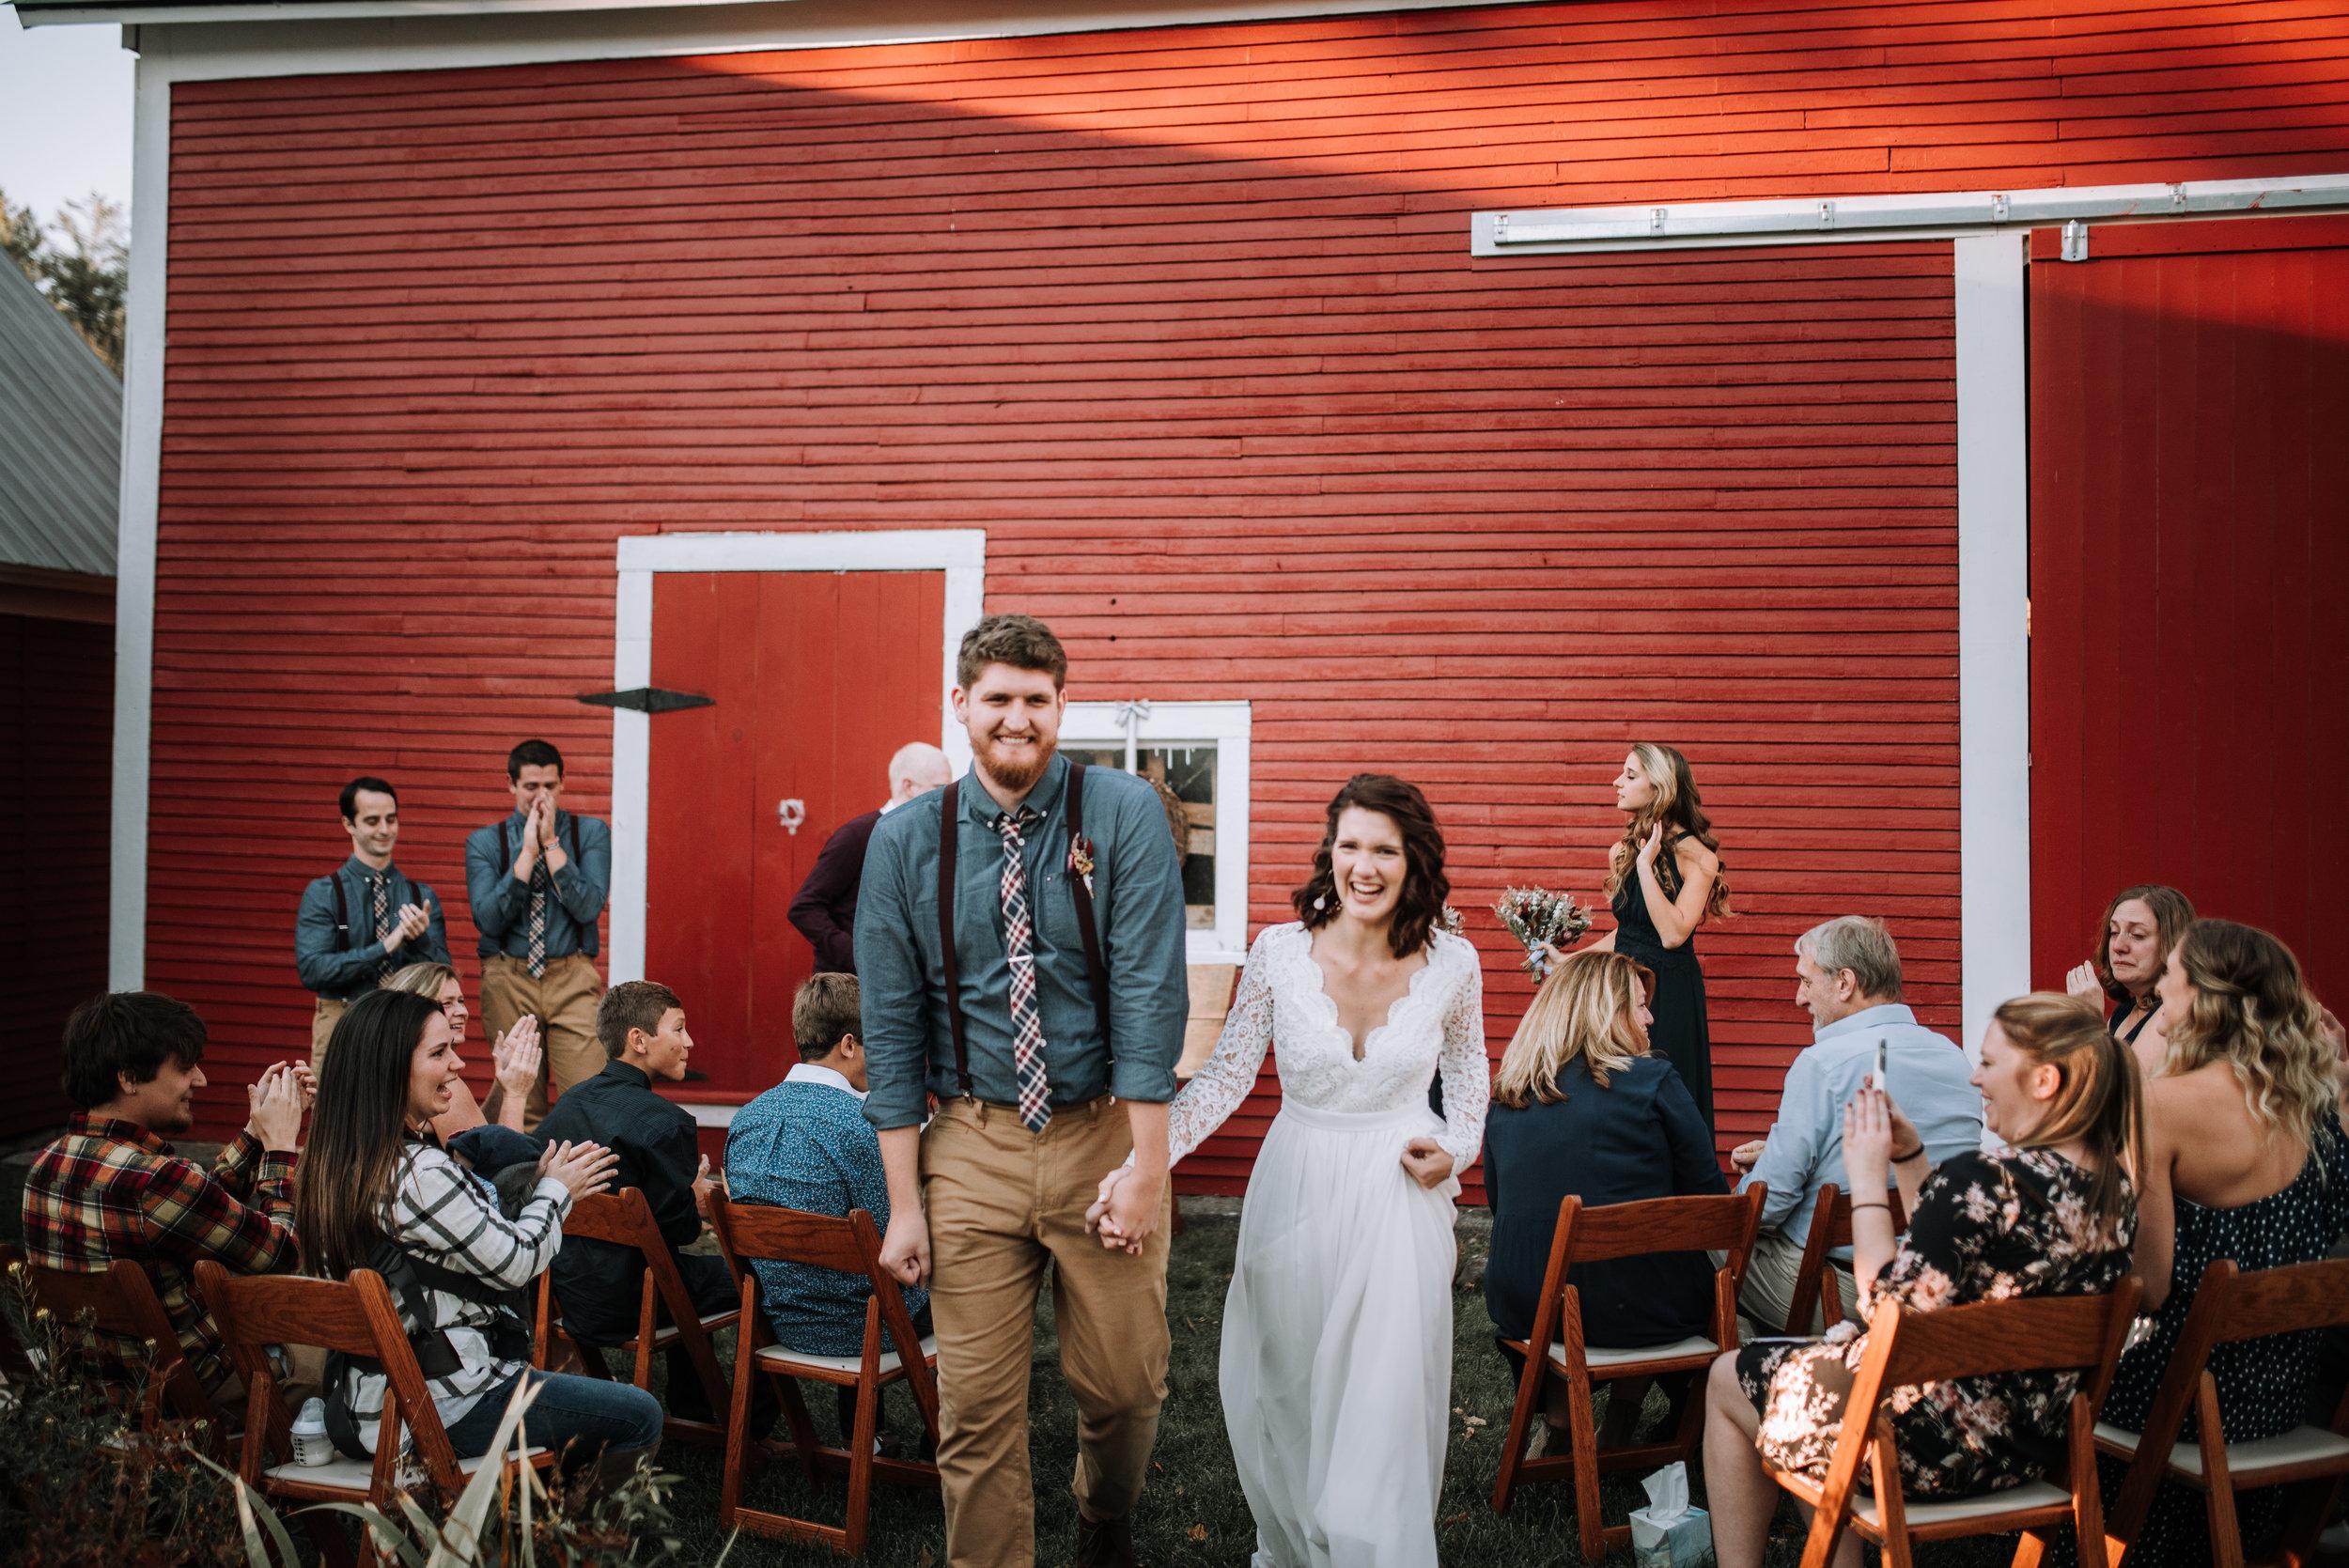 LUV LENS_WEDDING_GABBIE GARY SMALL-38.jpg